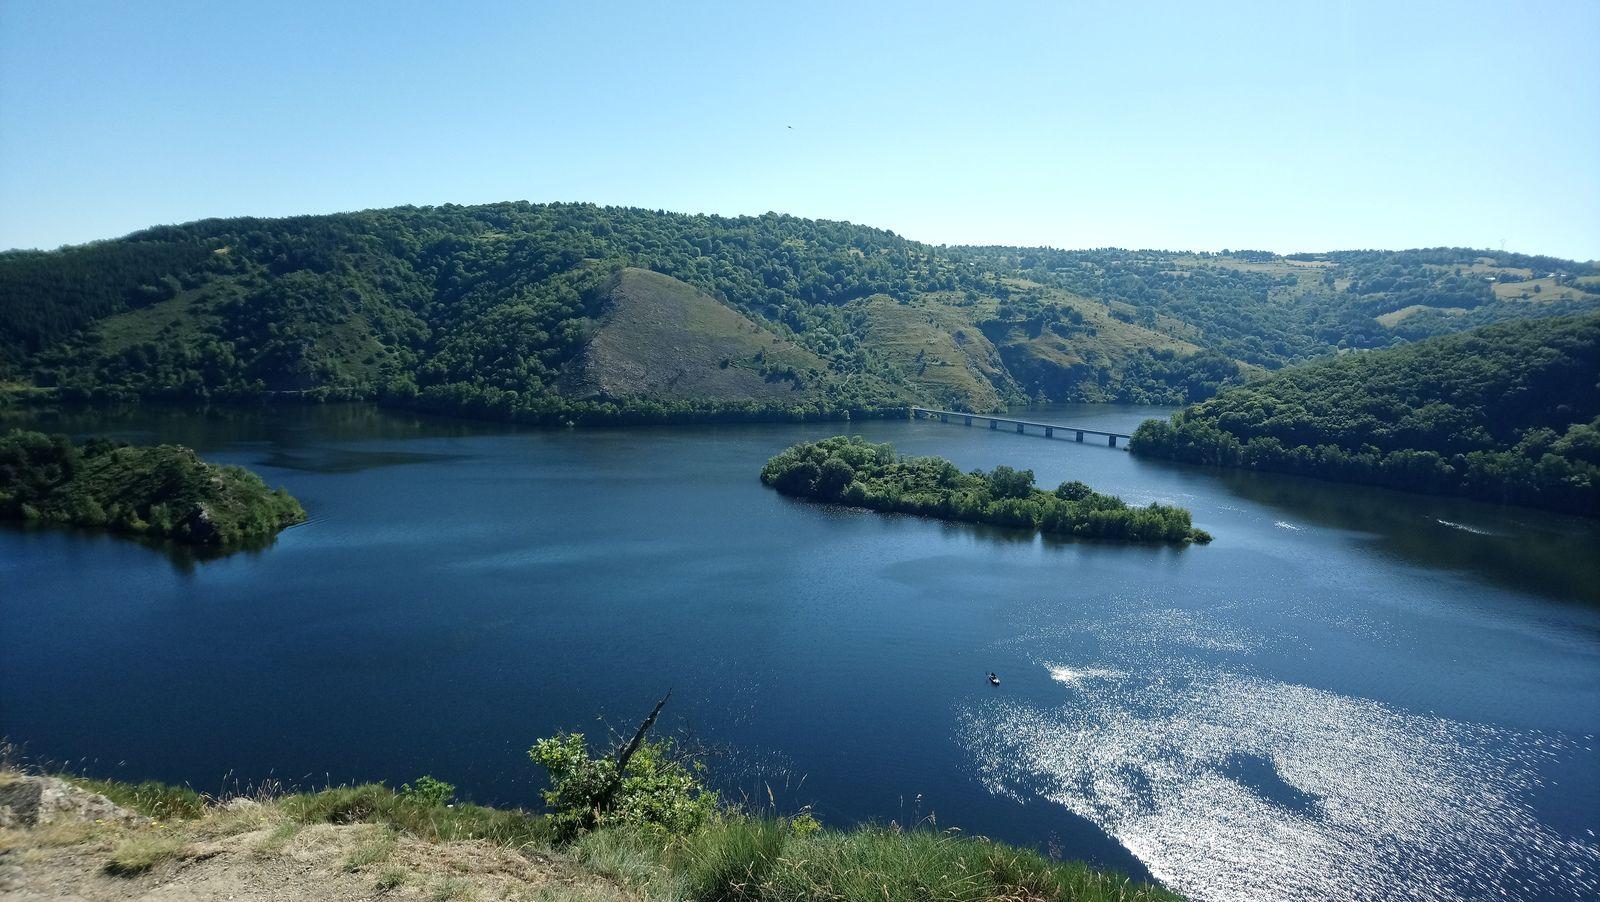 Une balade dans le plus beau pays du monde, le Cantal